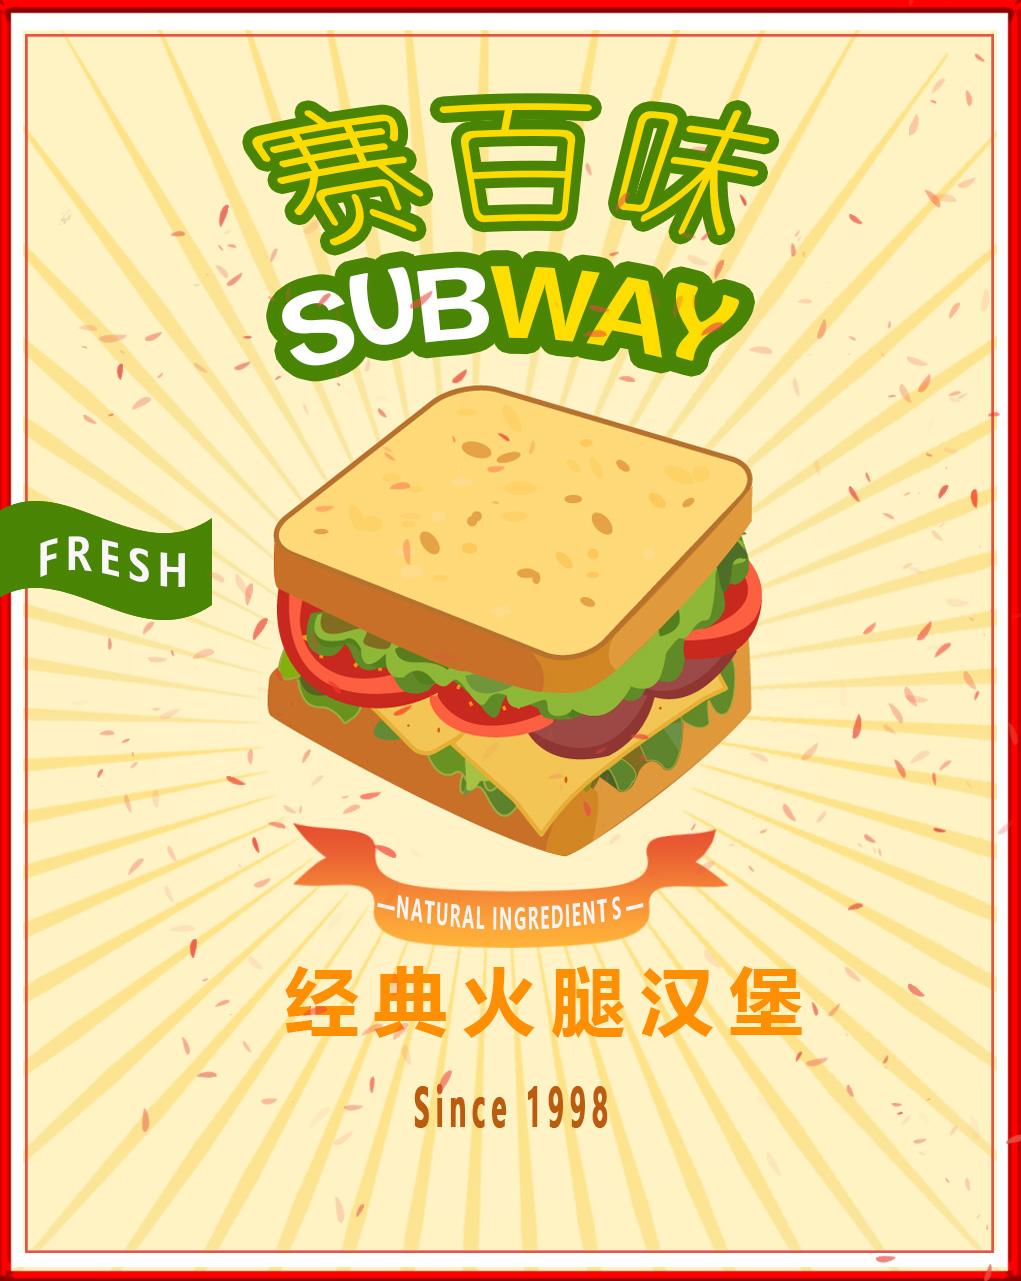 这是赛百味pop海报,手绘汉堡包.